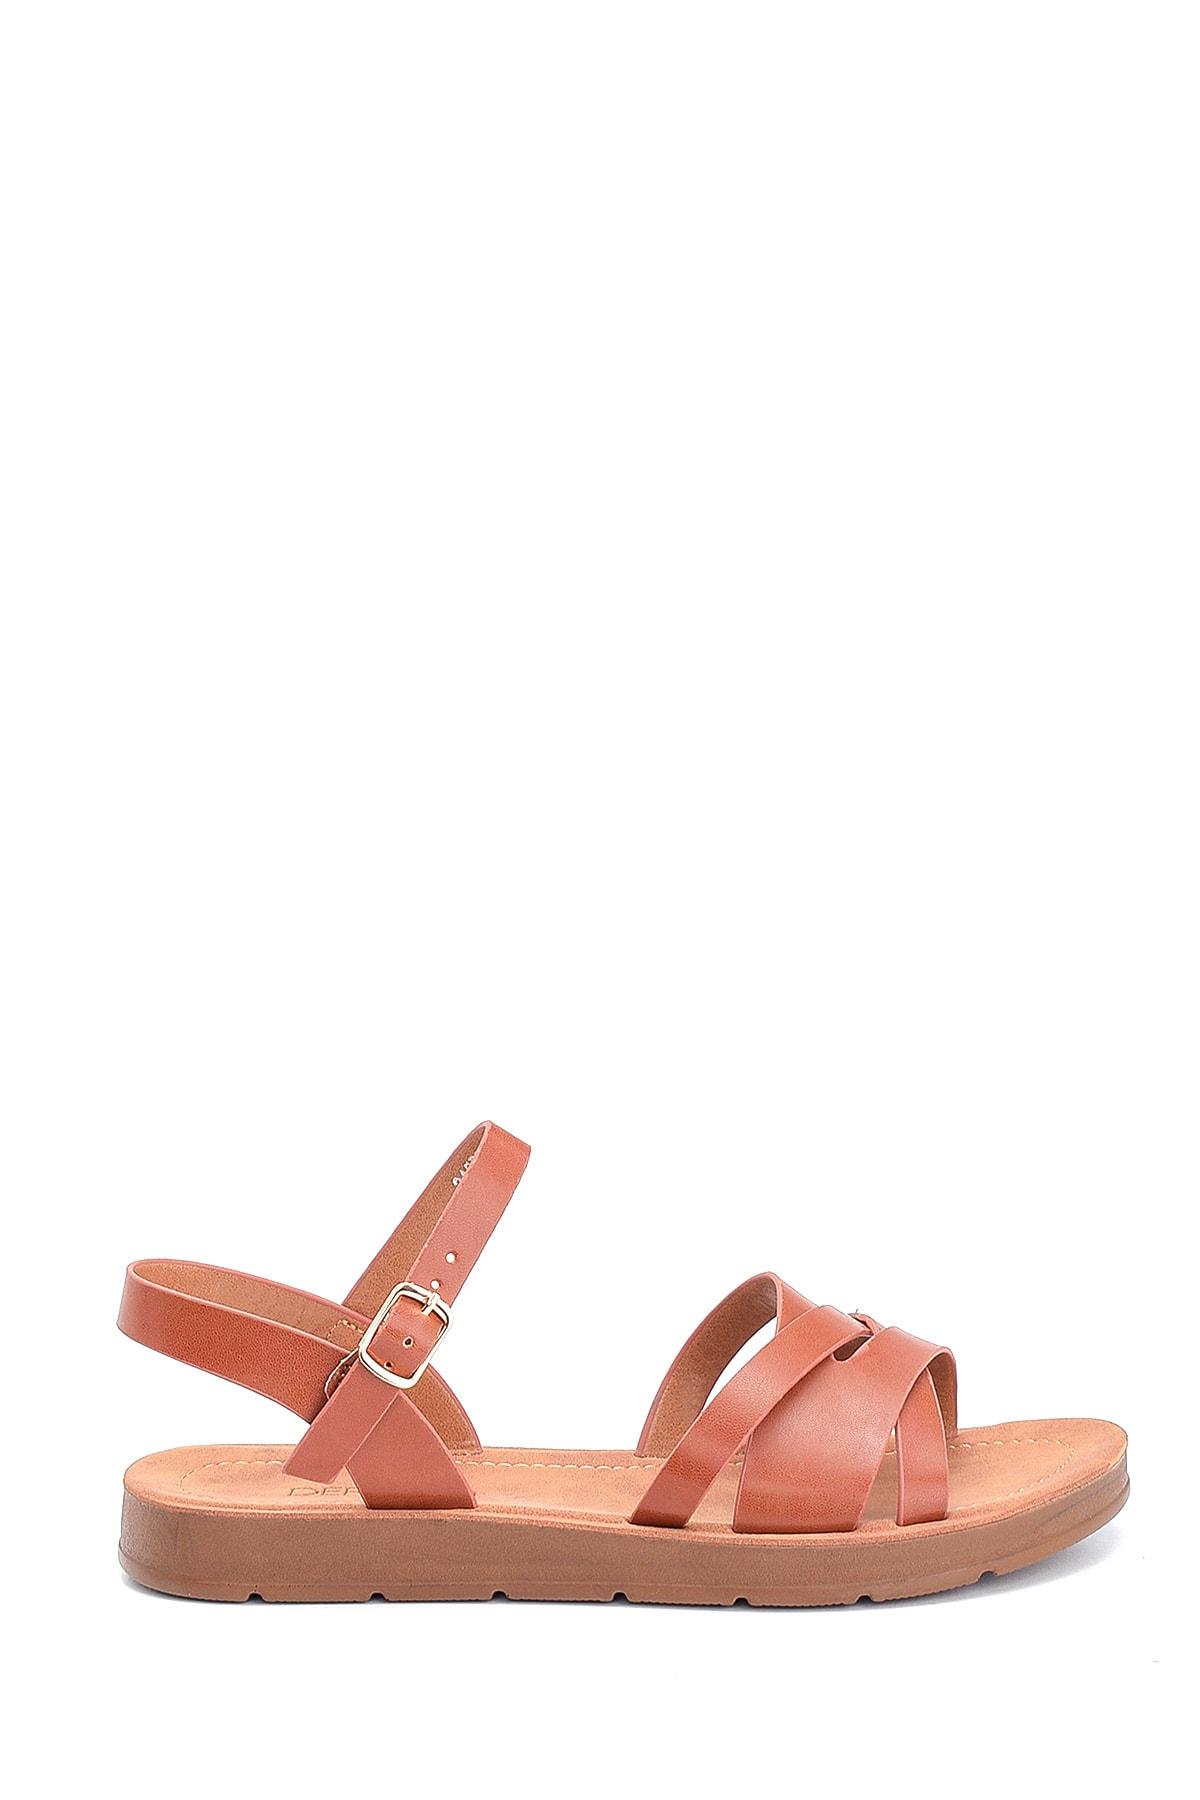 Kadın Casual Sandalet